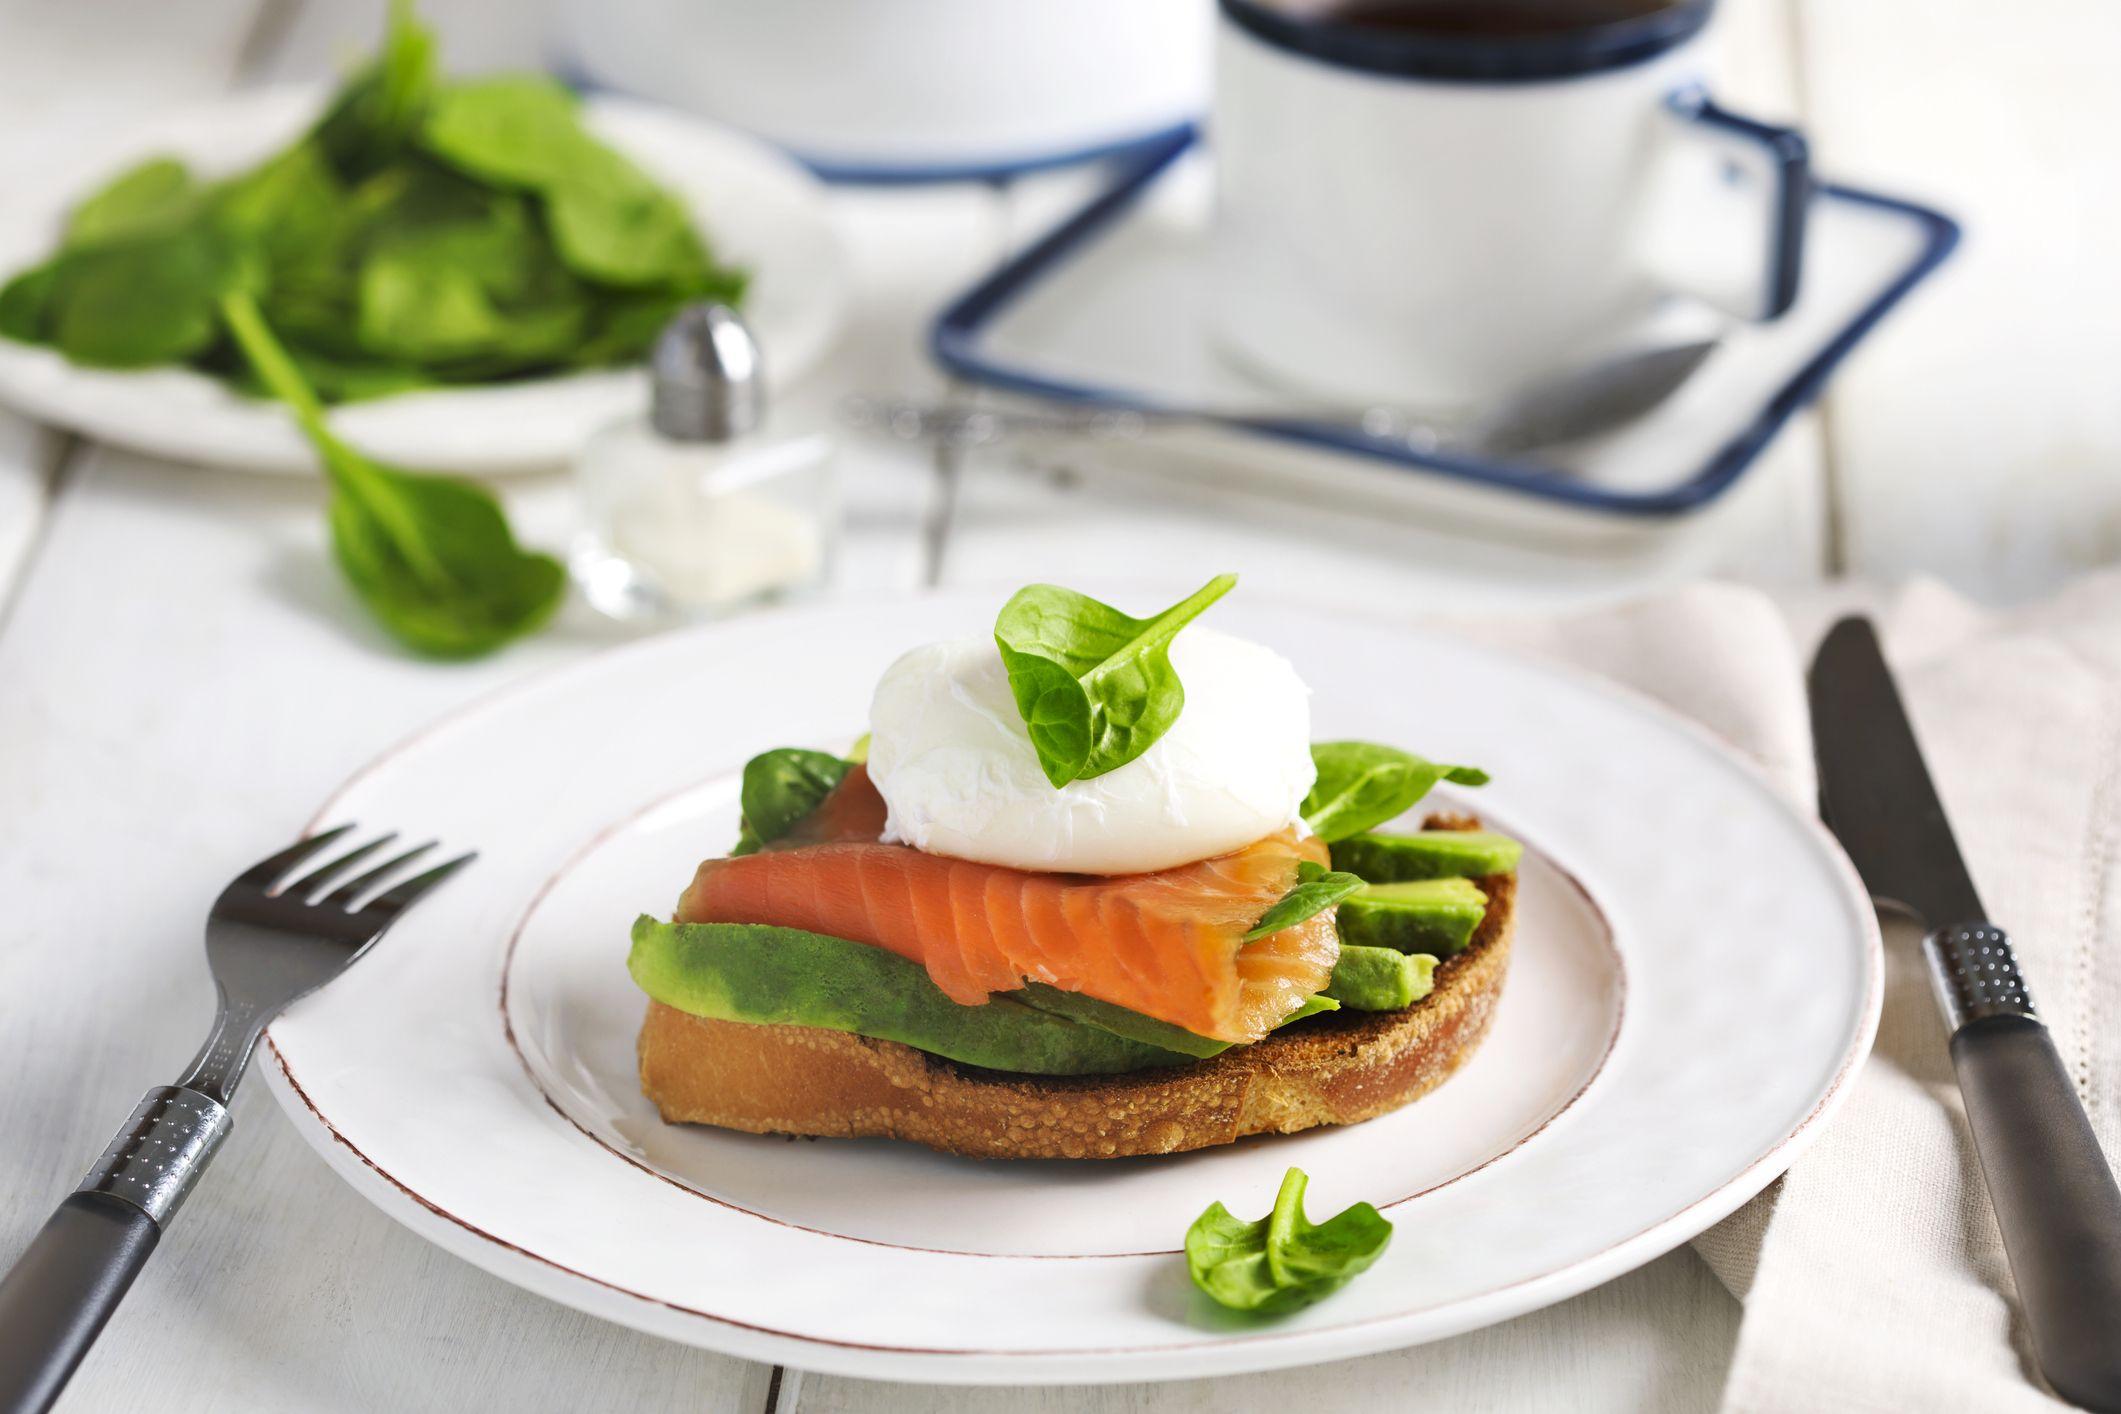 dieta escandinava para perder peso